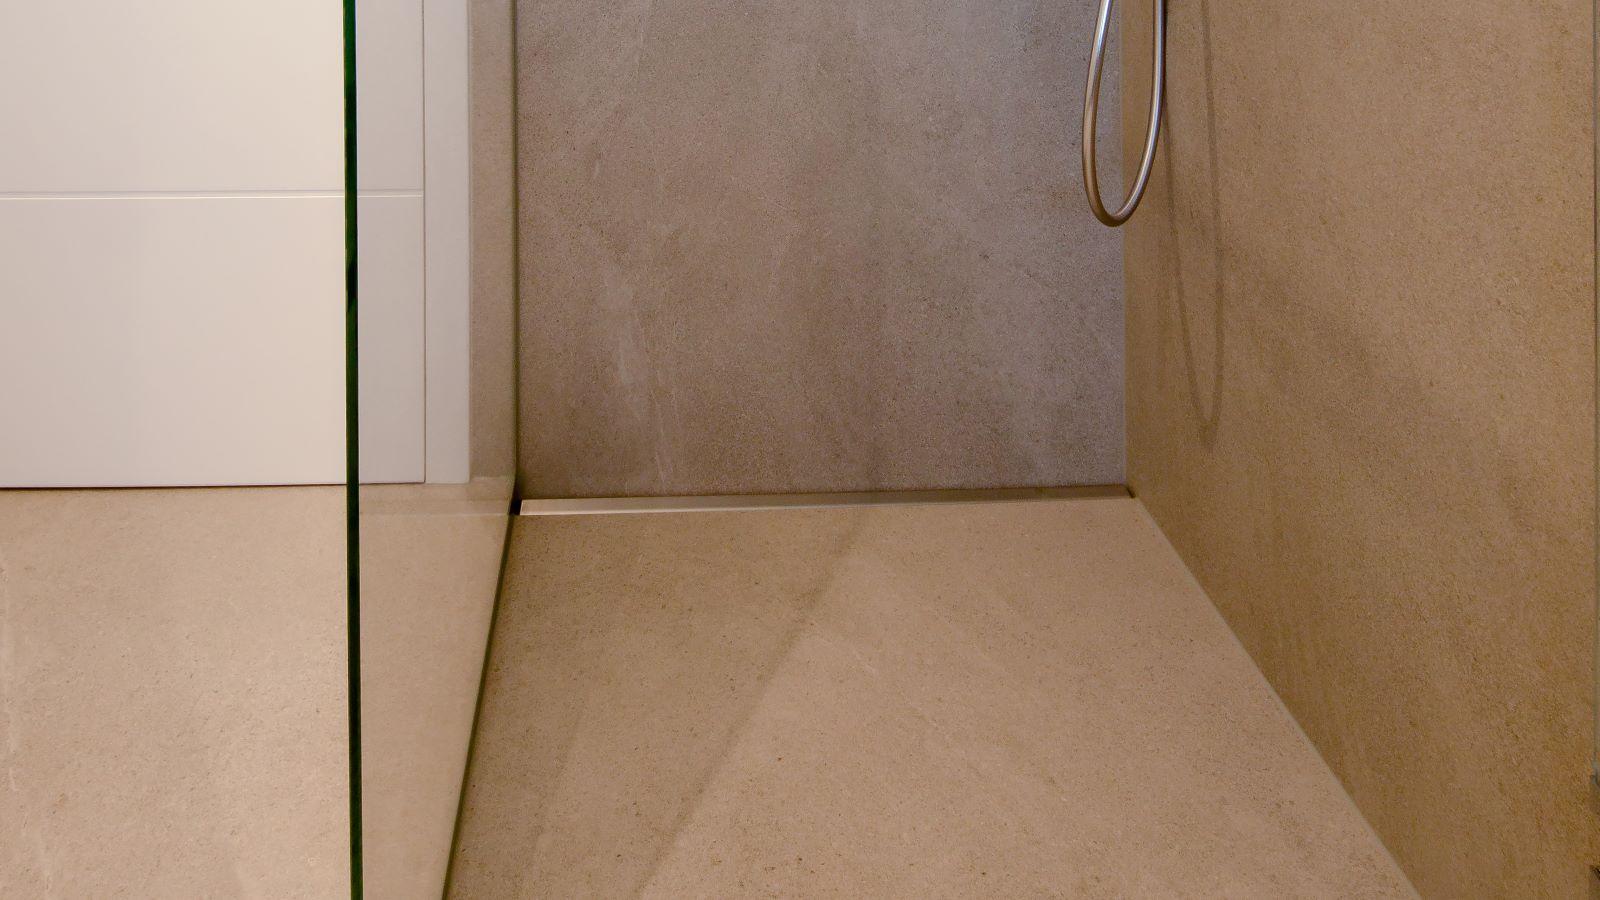 Abgebildet ist eine bodenebene dusche in moderner optik mit xxl-fliesen. Zur pflegeleichten ausfuehrung dieser barrierefreien dusche traegt die einfach zu reinigende, langlebige v4a edelstahl-duschrinne pro bei. Dezent wandbuendig an der duschrueckwand eingebaut, strahlt sie die schlichtheit der klassischen moderne aus.